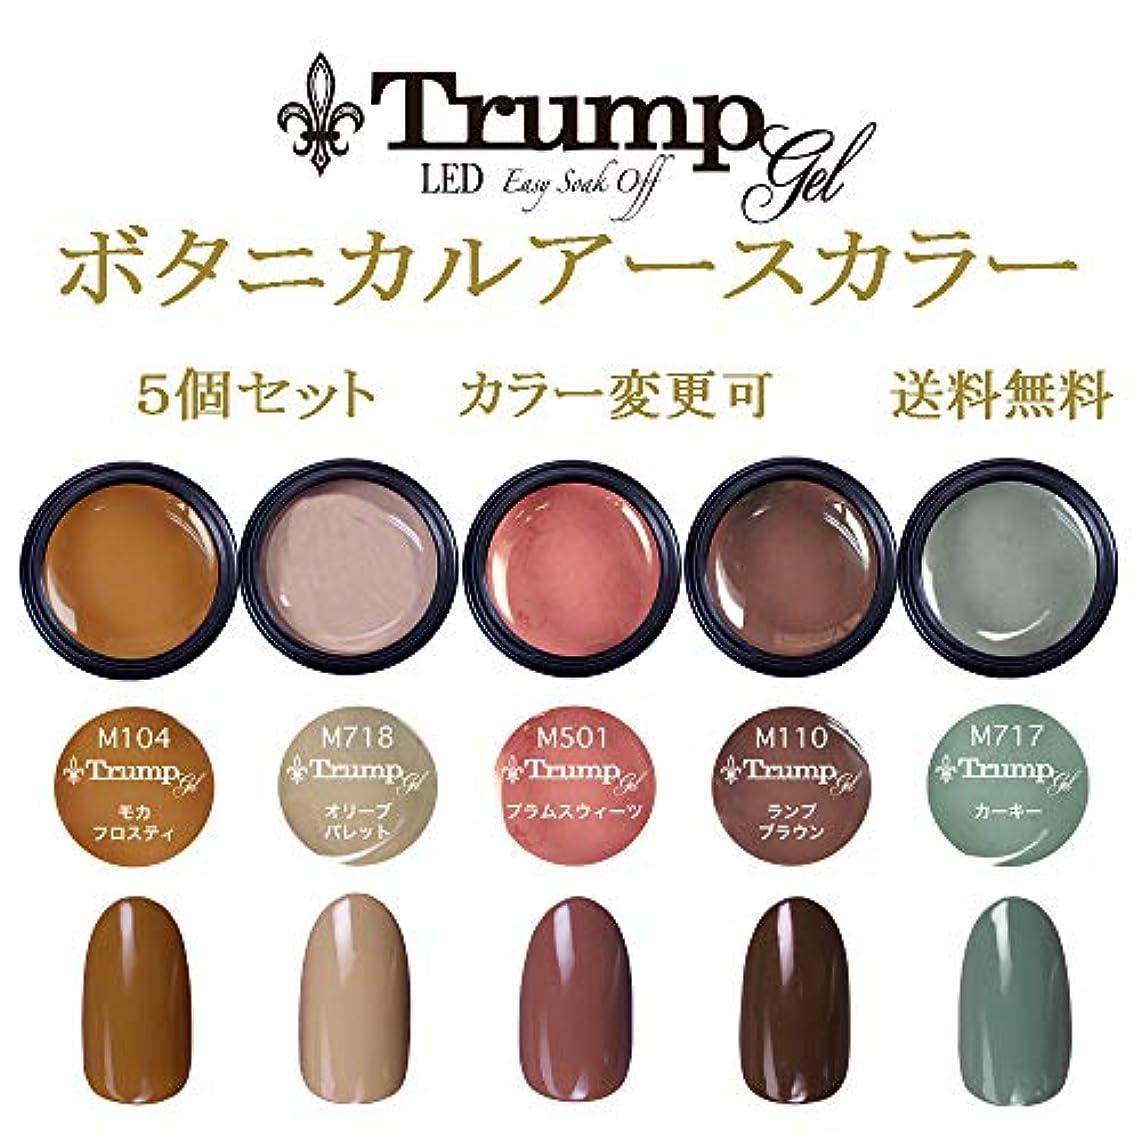 有名な立方体メルボルン【送料無料】日本製 Trump gel ボタニカルアースカラージェル5個セット 人気のボタニカルカラーをセット